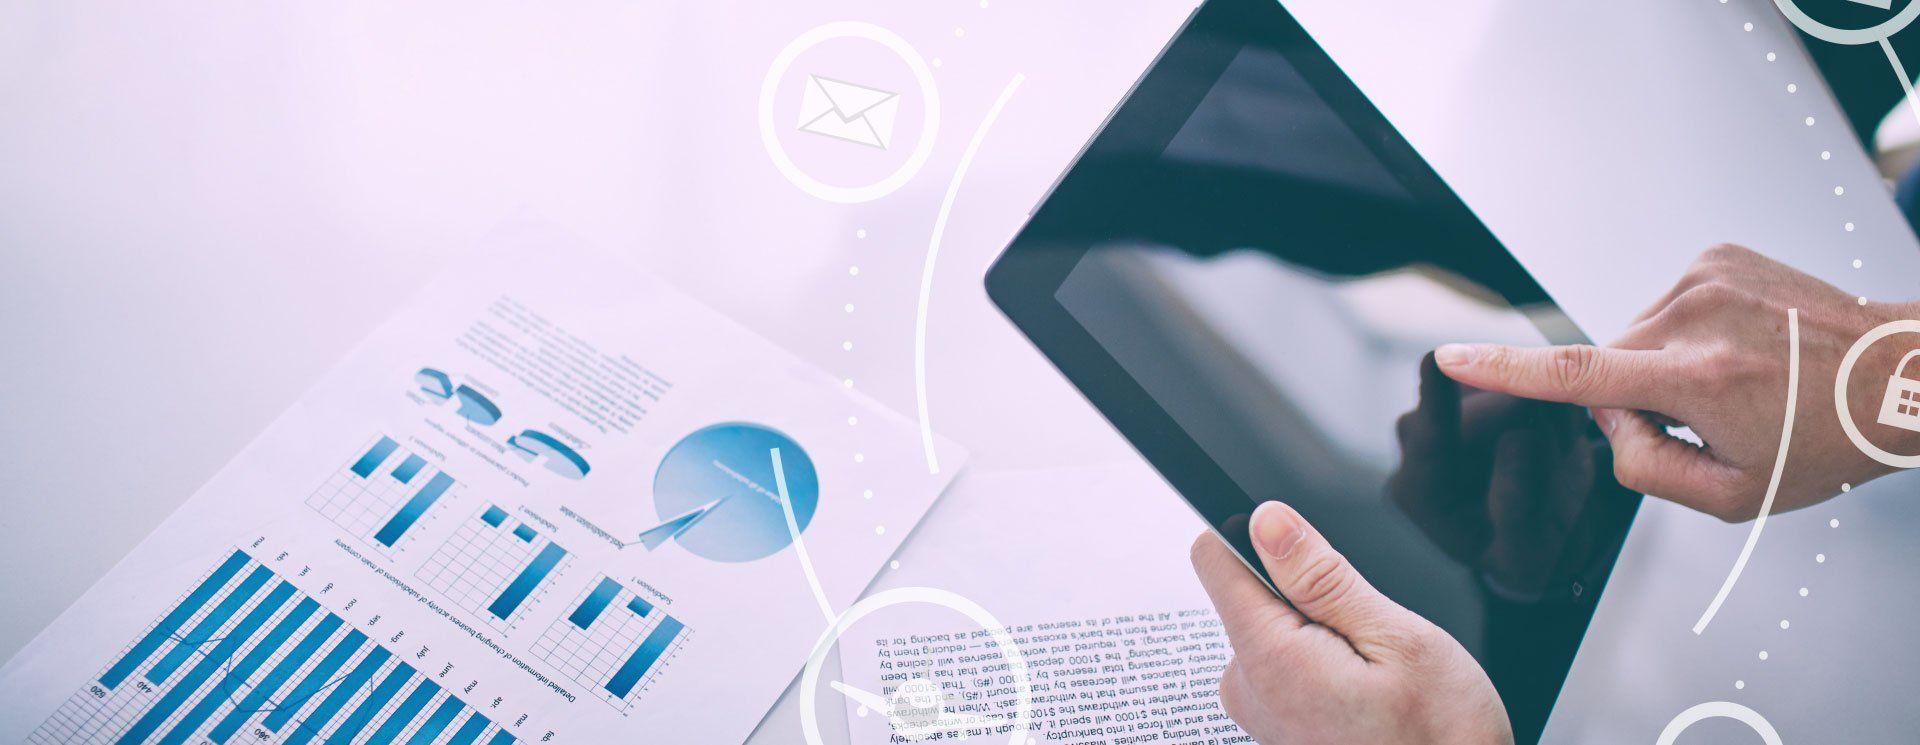 tecnologias IoT, Xaas e IA na gestão de energia